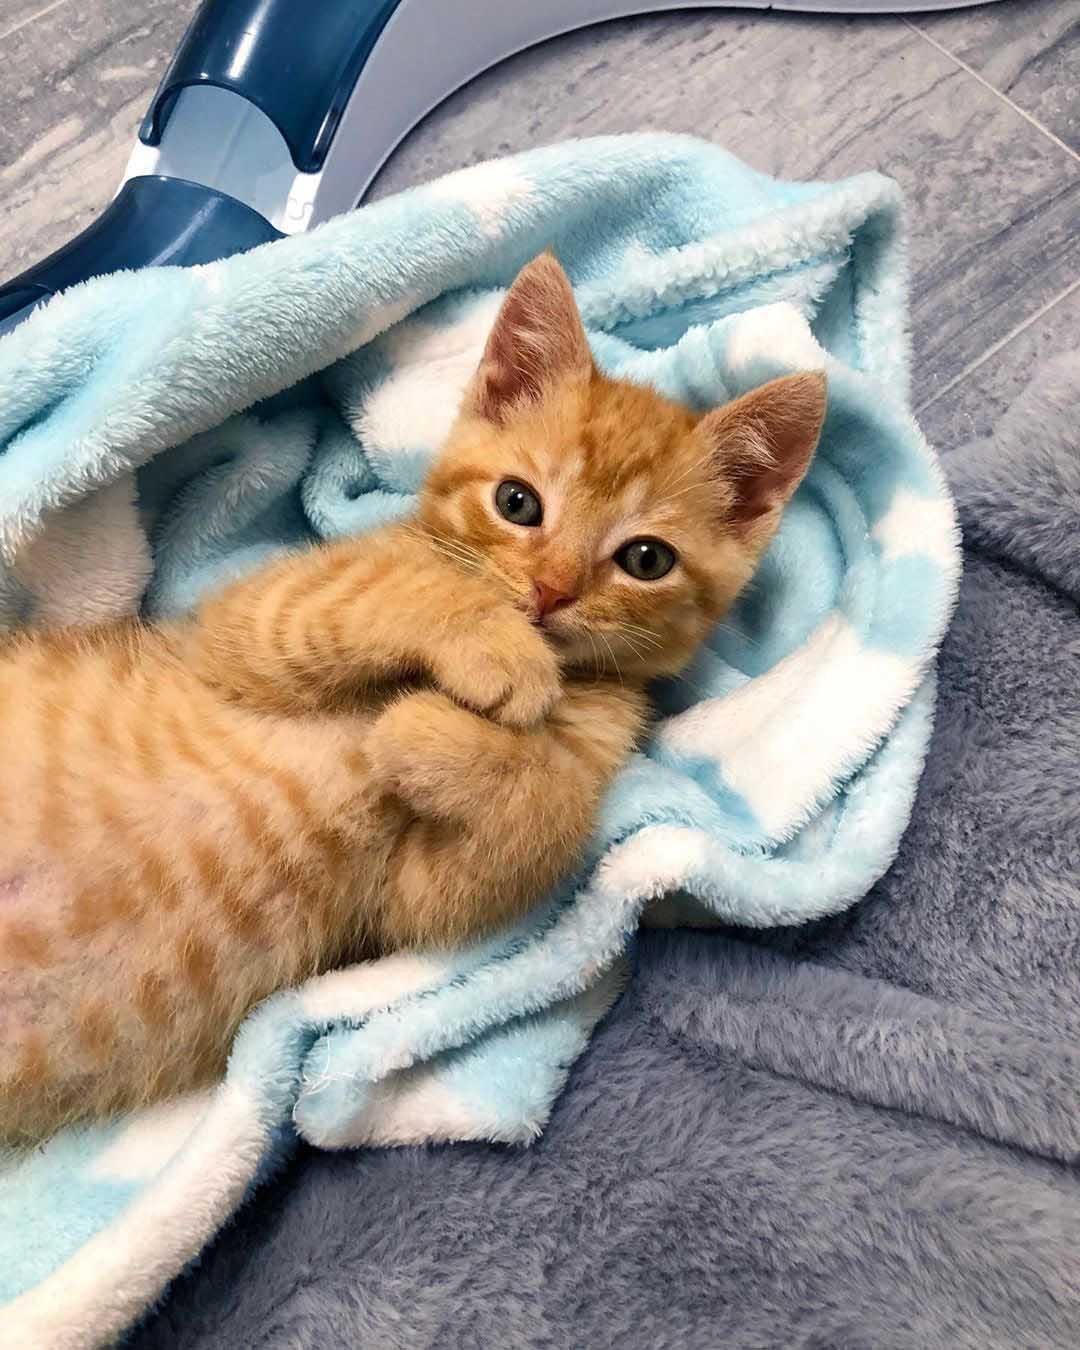 Tierno gatito naranja